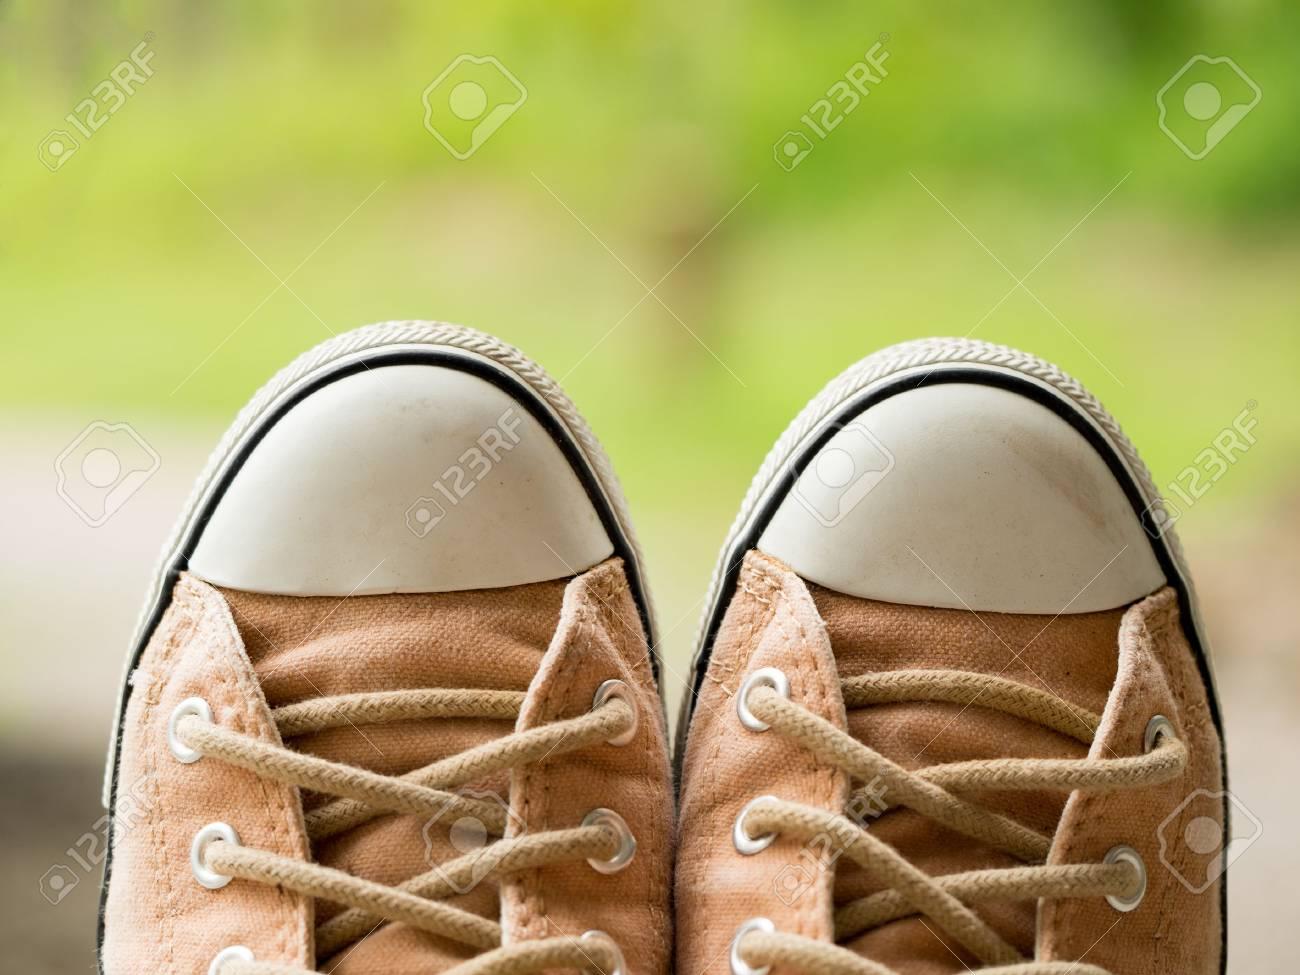 Suaves Verde El Naturaleza Desenfoque Vendimia Primer Marrón De Deporte La Mujer En Plano Zapatilla Zapatos Color Fondo XXH4qwFSxn